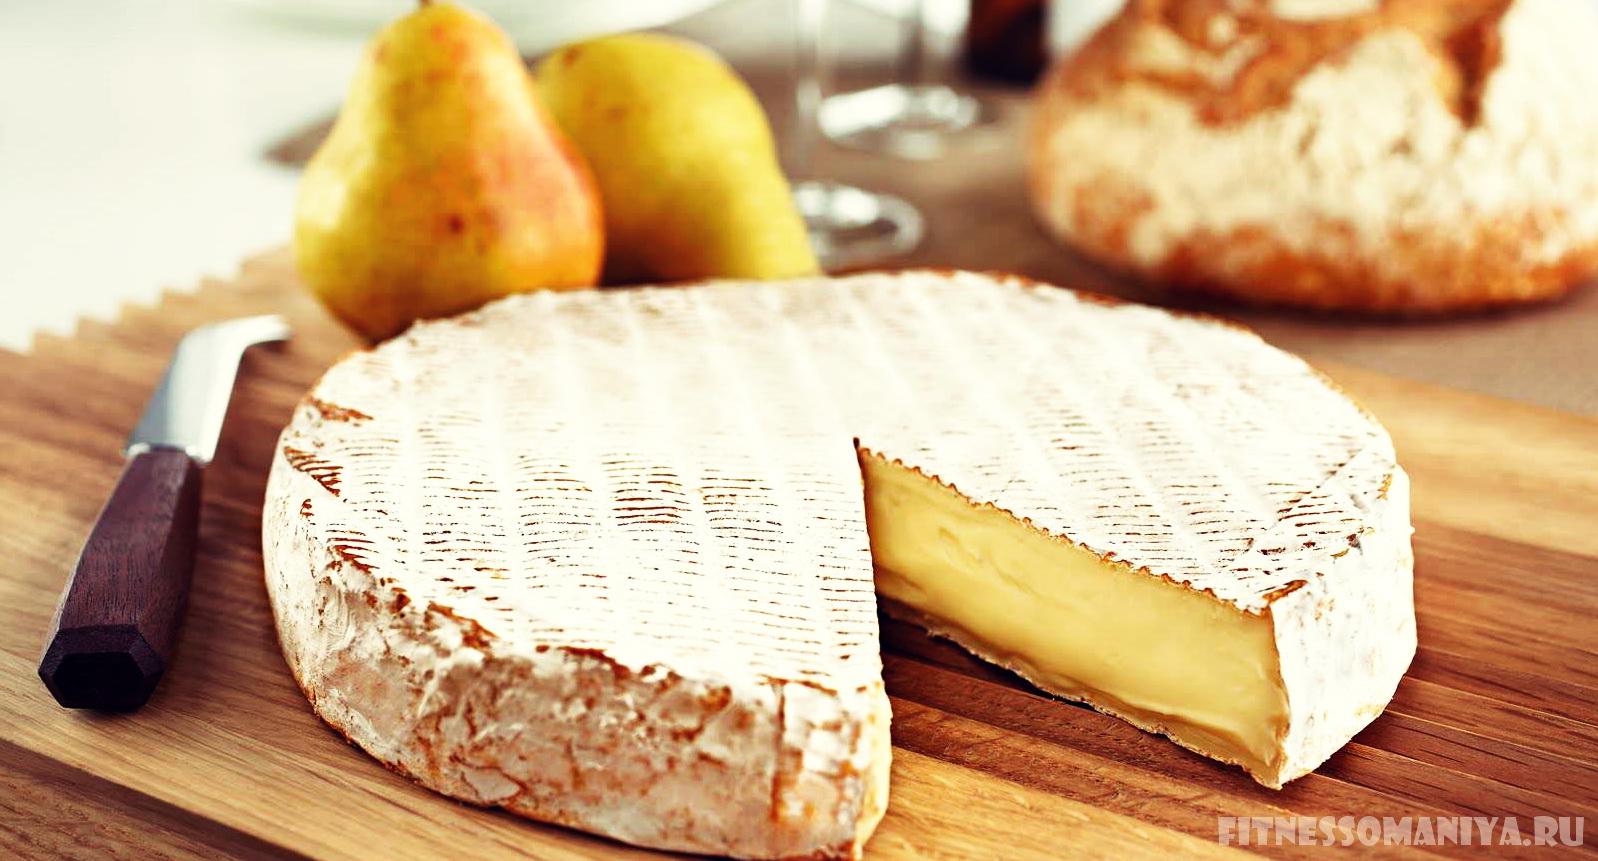 kak-vybrat-syr-pokupaem-pravilnyy-i-bezopasnyy-syr